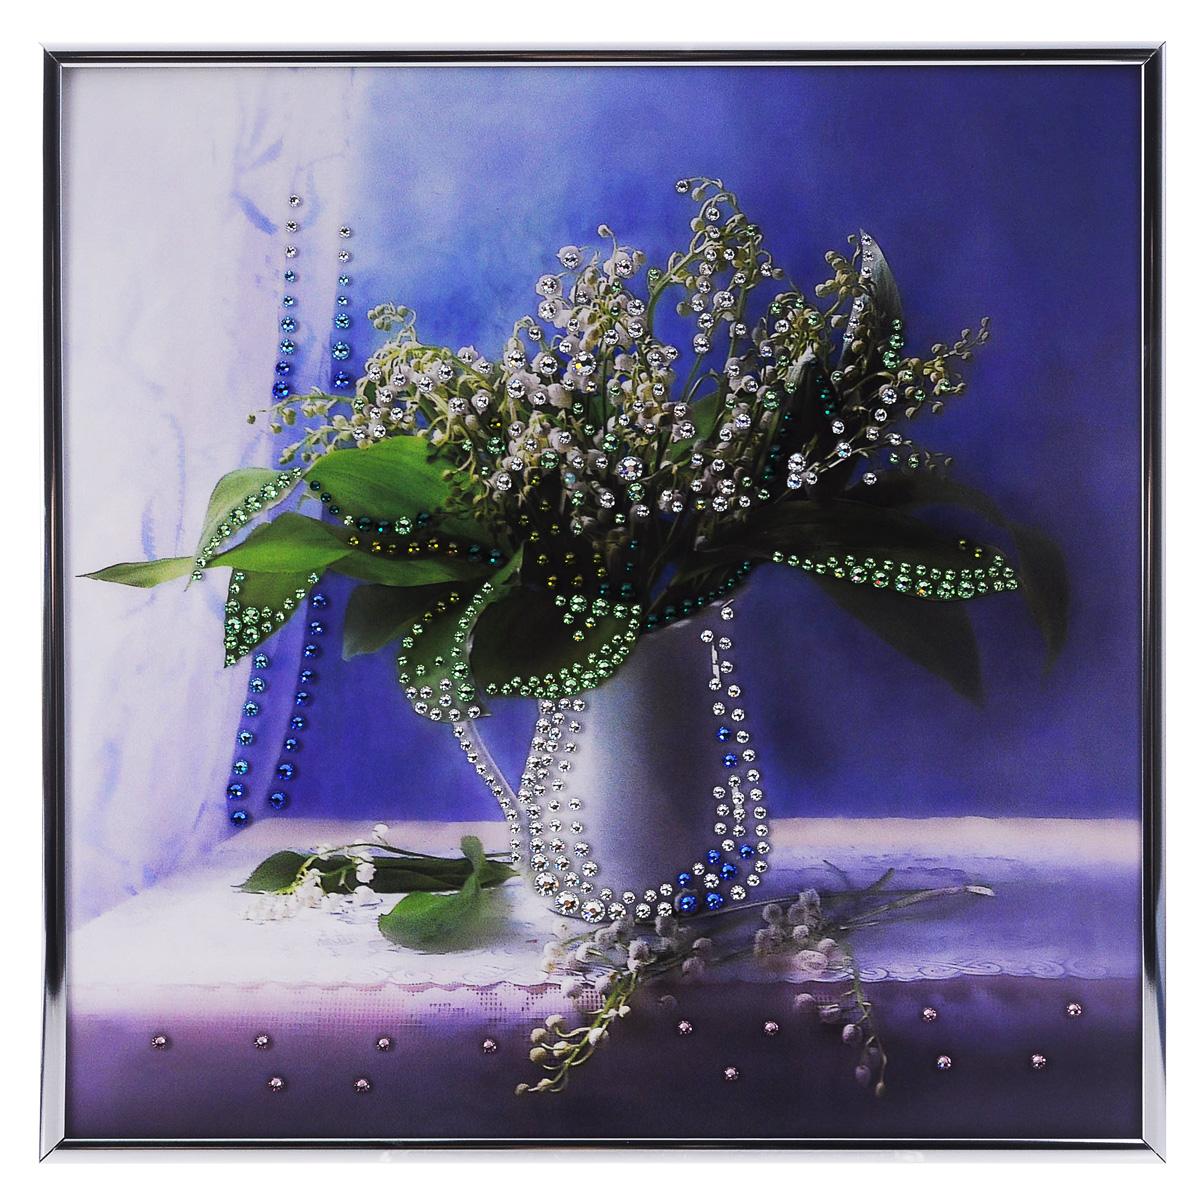 Картина с кристаллами Swarovski Ландыши, 30 см х 30 смU210DFИзящная картина в металлической раме, инкрустирована кристаллами Swarovski, которые отличаются четкой и ровной огранкой, ярким блеском и чистотой цвета. С обратной стороны имеется металлическая петелька для размещения картины на стене. Картина с кристаллами Swarovski элегантно украсит интерьер дома или офиса, а также станет прекрасным подарком, который обязательно понравится получателю. Блеск кристаллов в интерьере, что может быть сказочнее и удивительнее. Картина упакована в подарочную картонную коробку синего цвета и комплектуется сертификатом соответствия Swarovski. Количество кристаллов: 392.